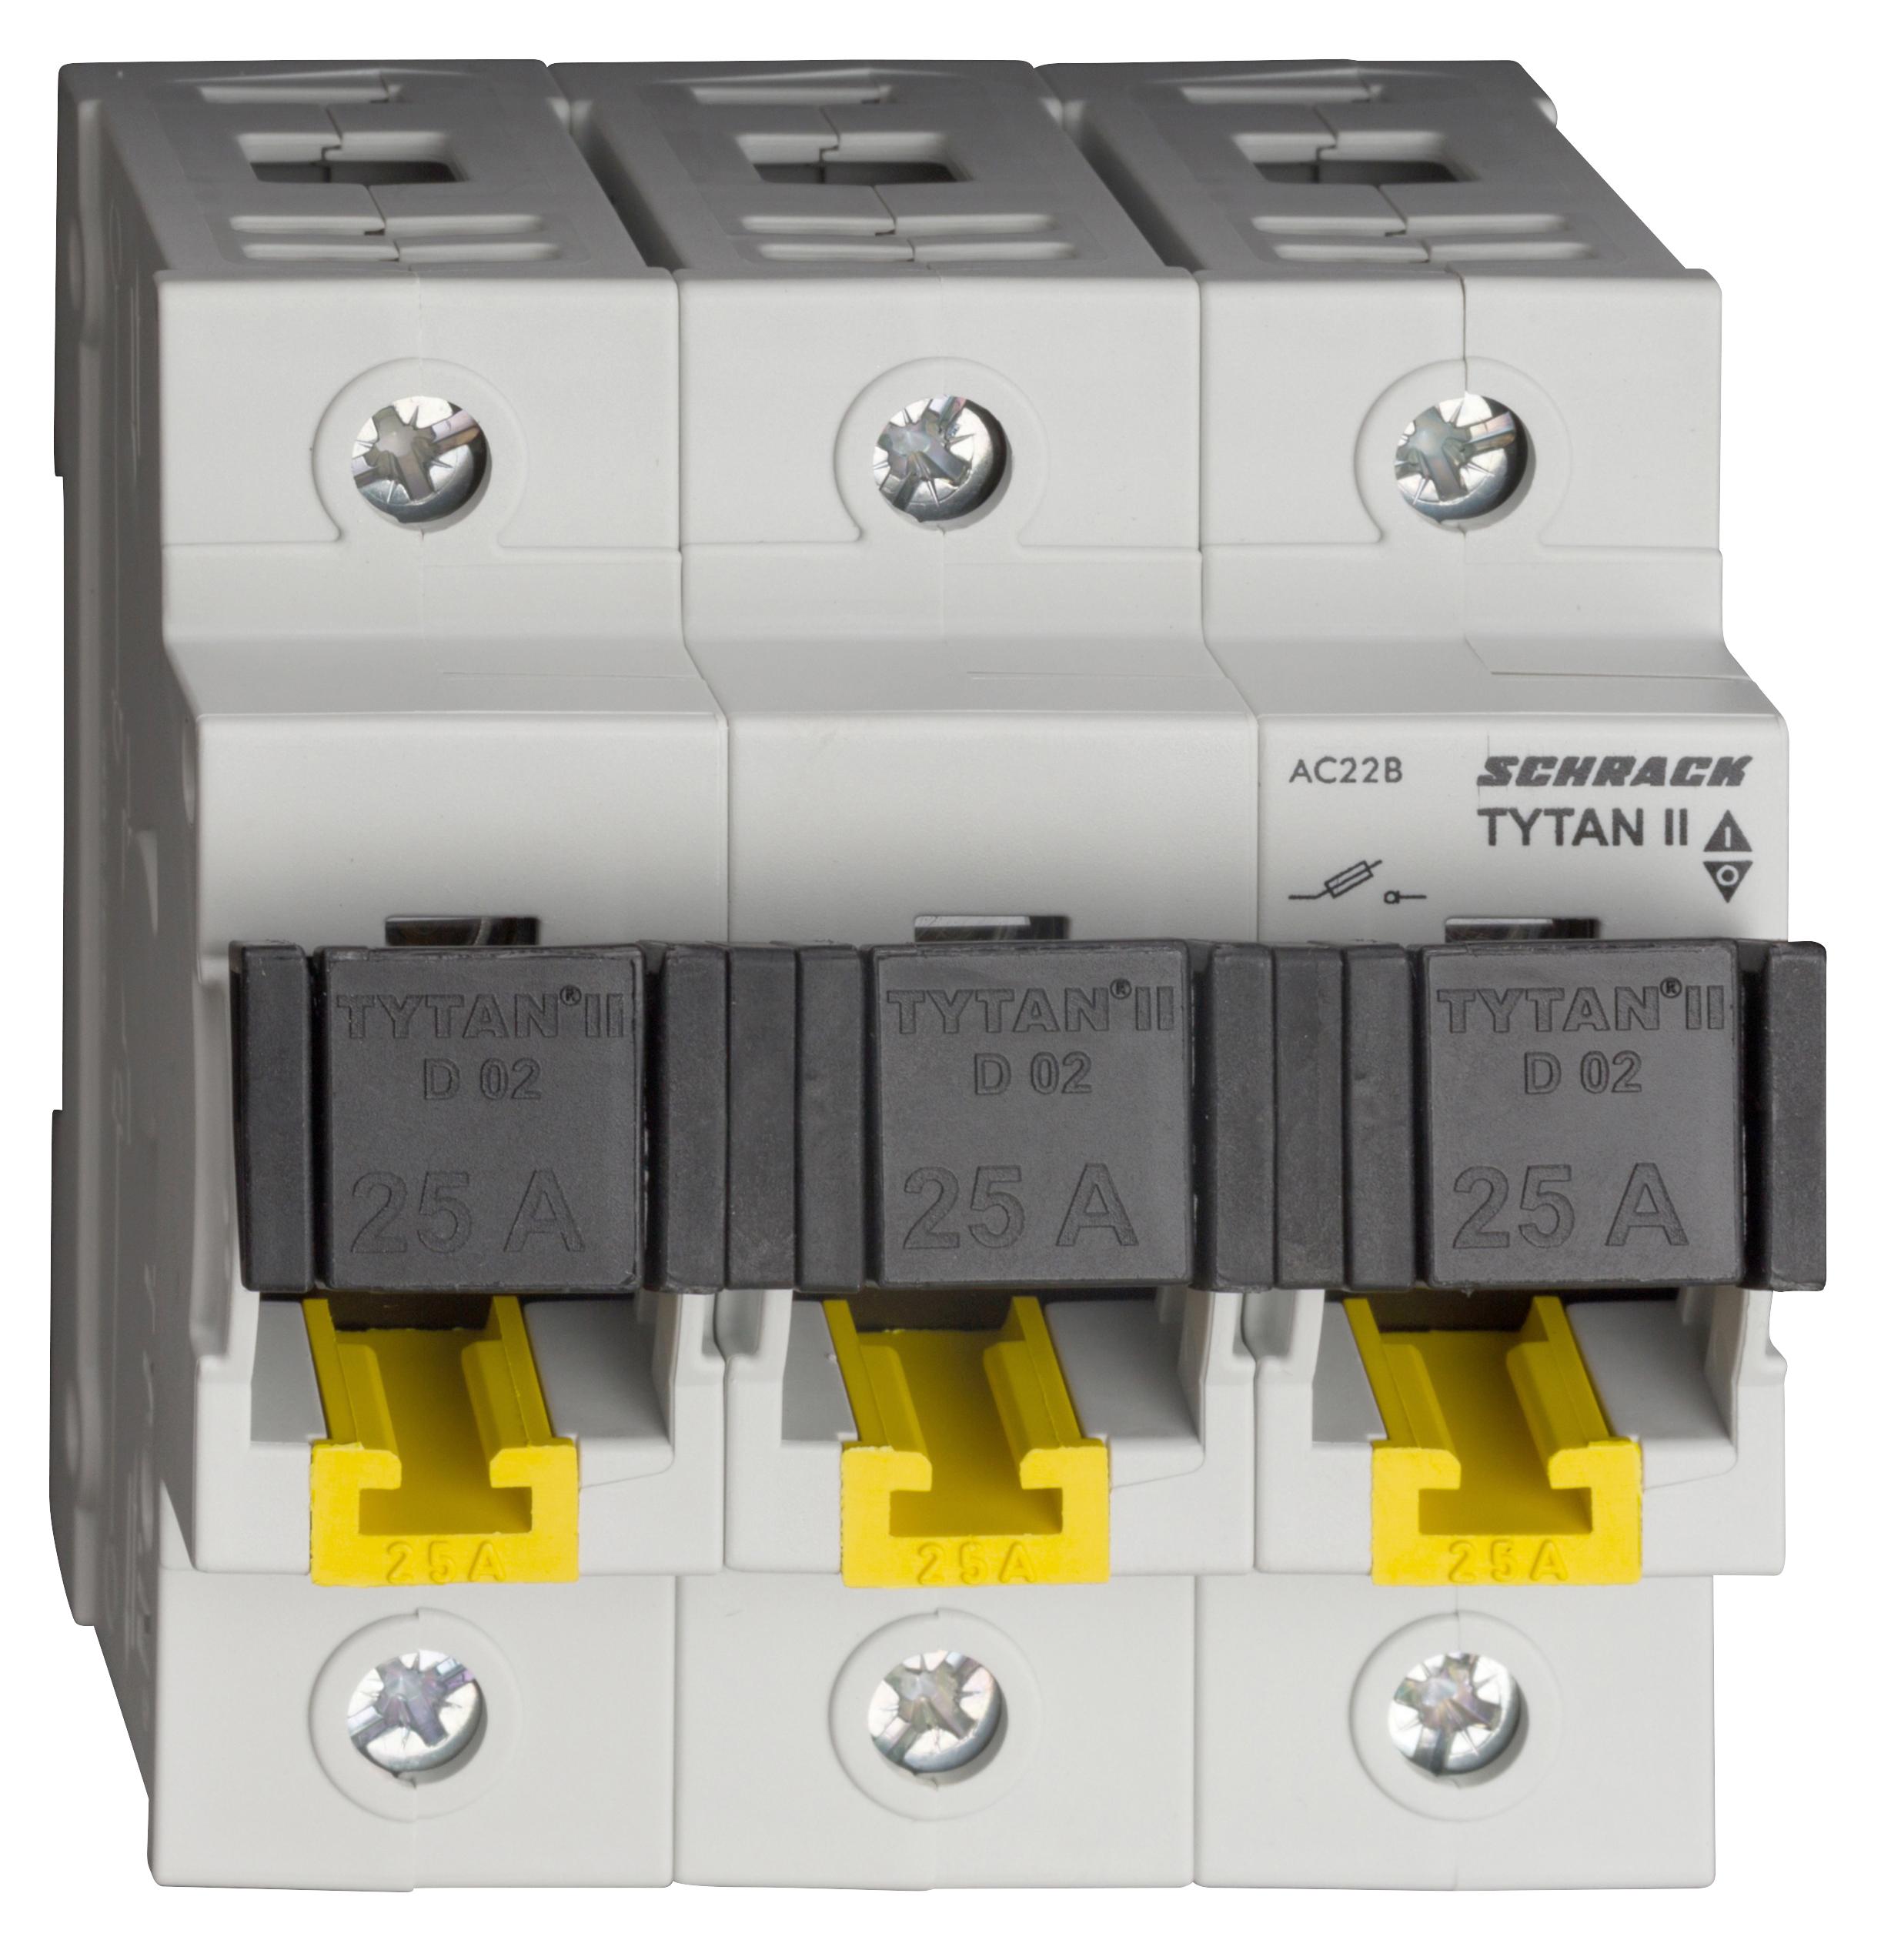 1 Stk TYTAN II, D02-Sicherungslasttrennschalter,3-pol komplett 25A IS5047PL25